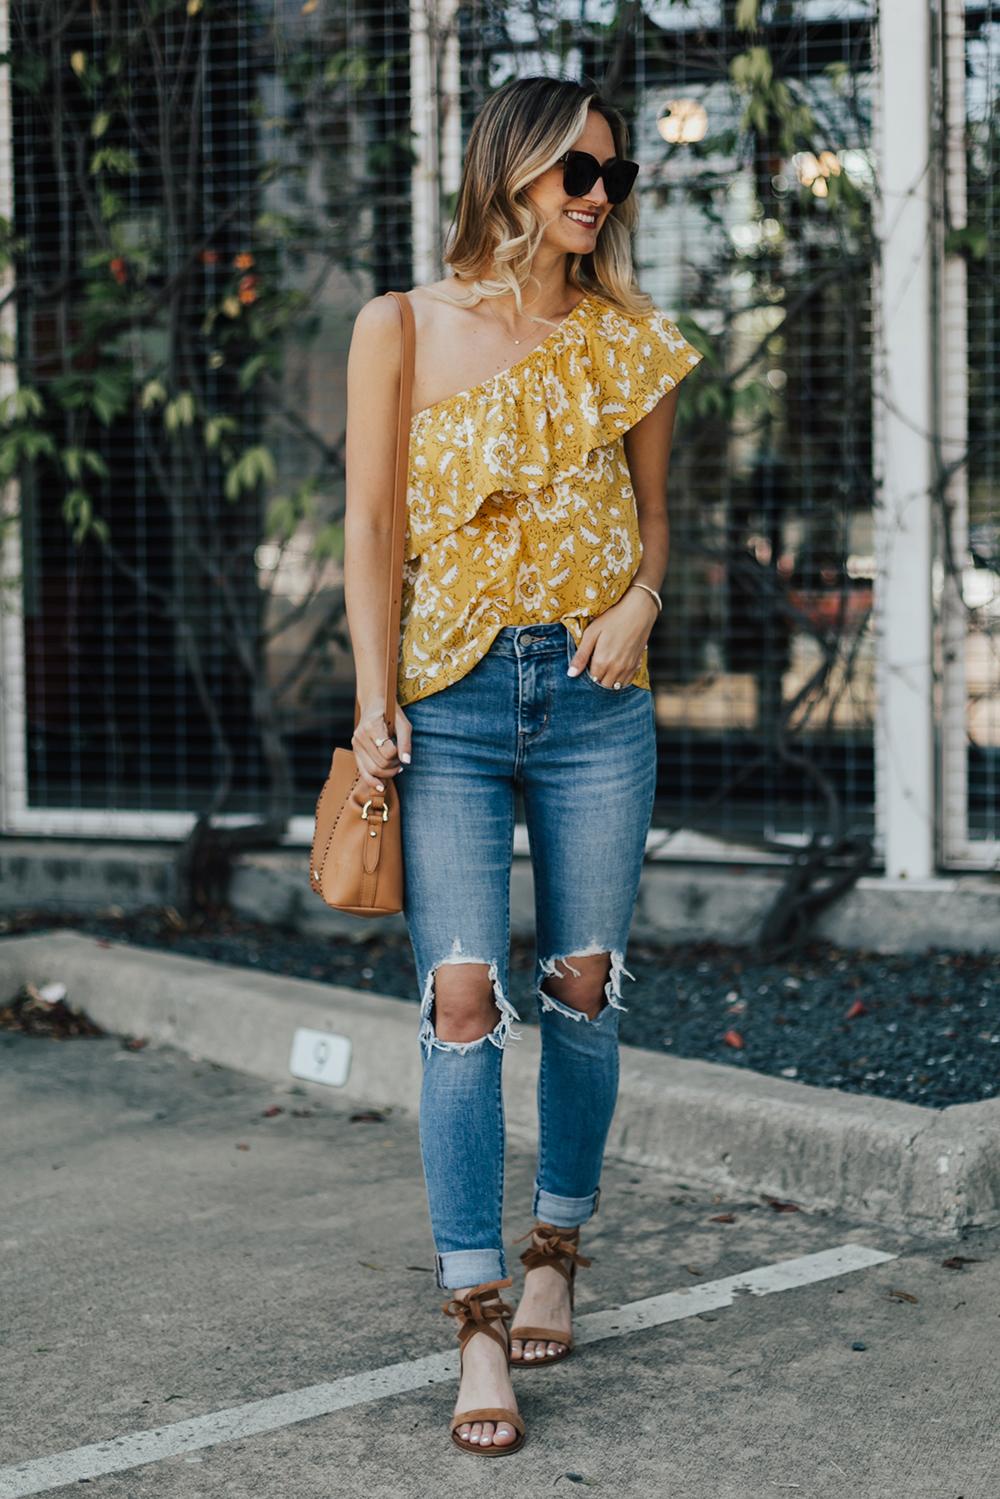 livvyland mặc áo vàng mù tạt và jeans